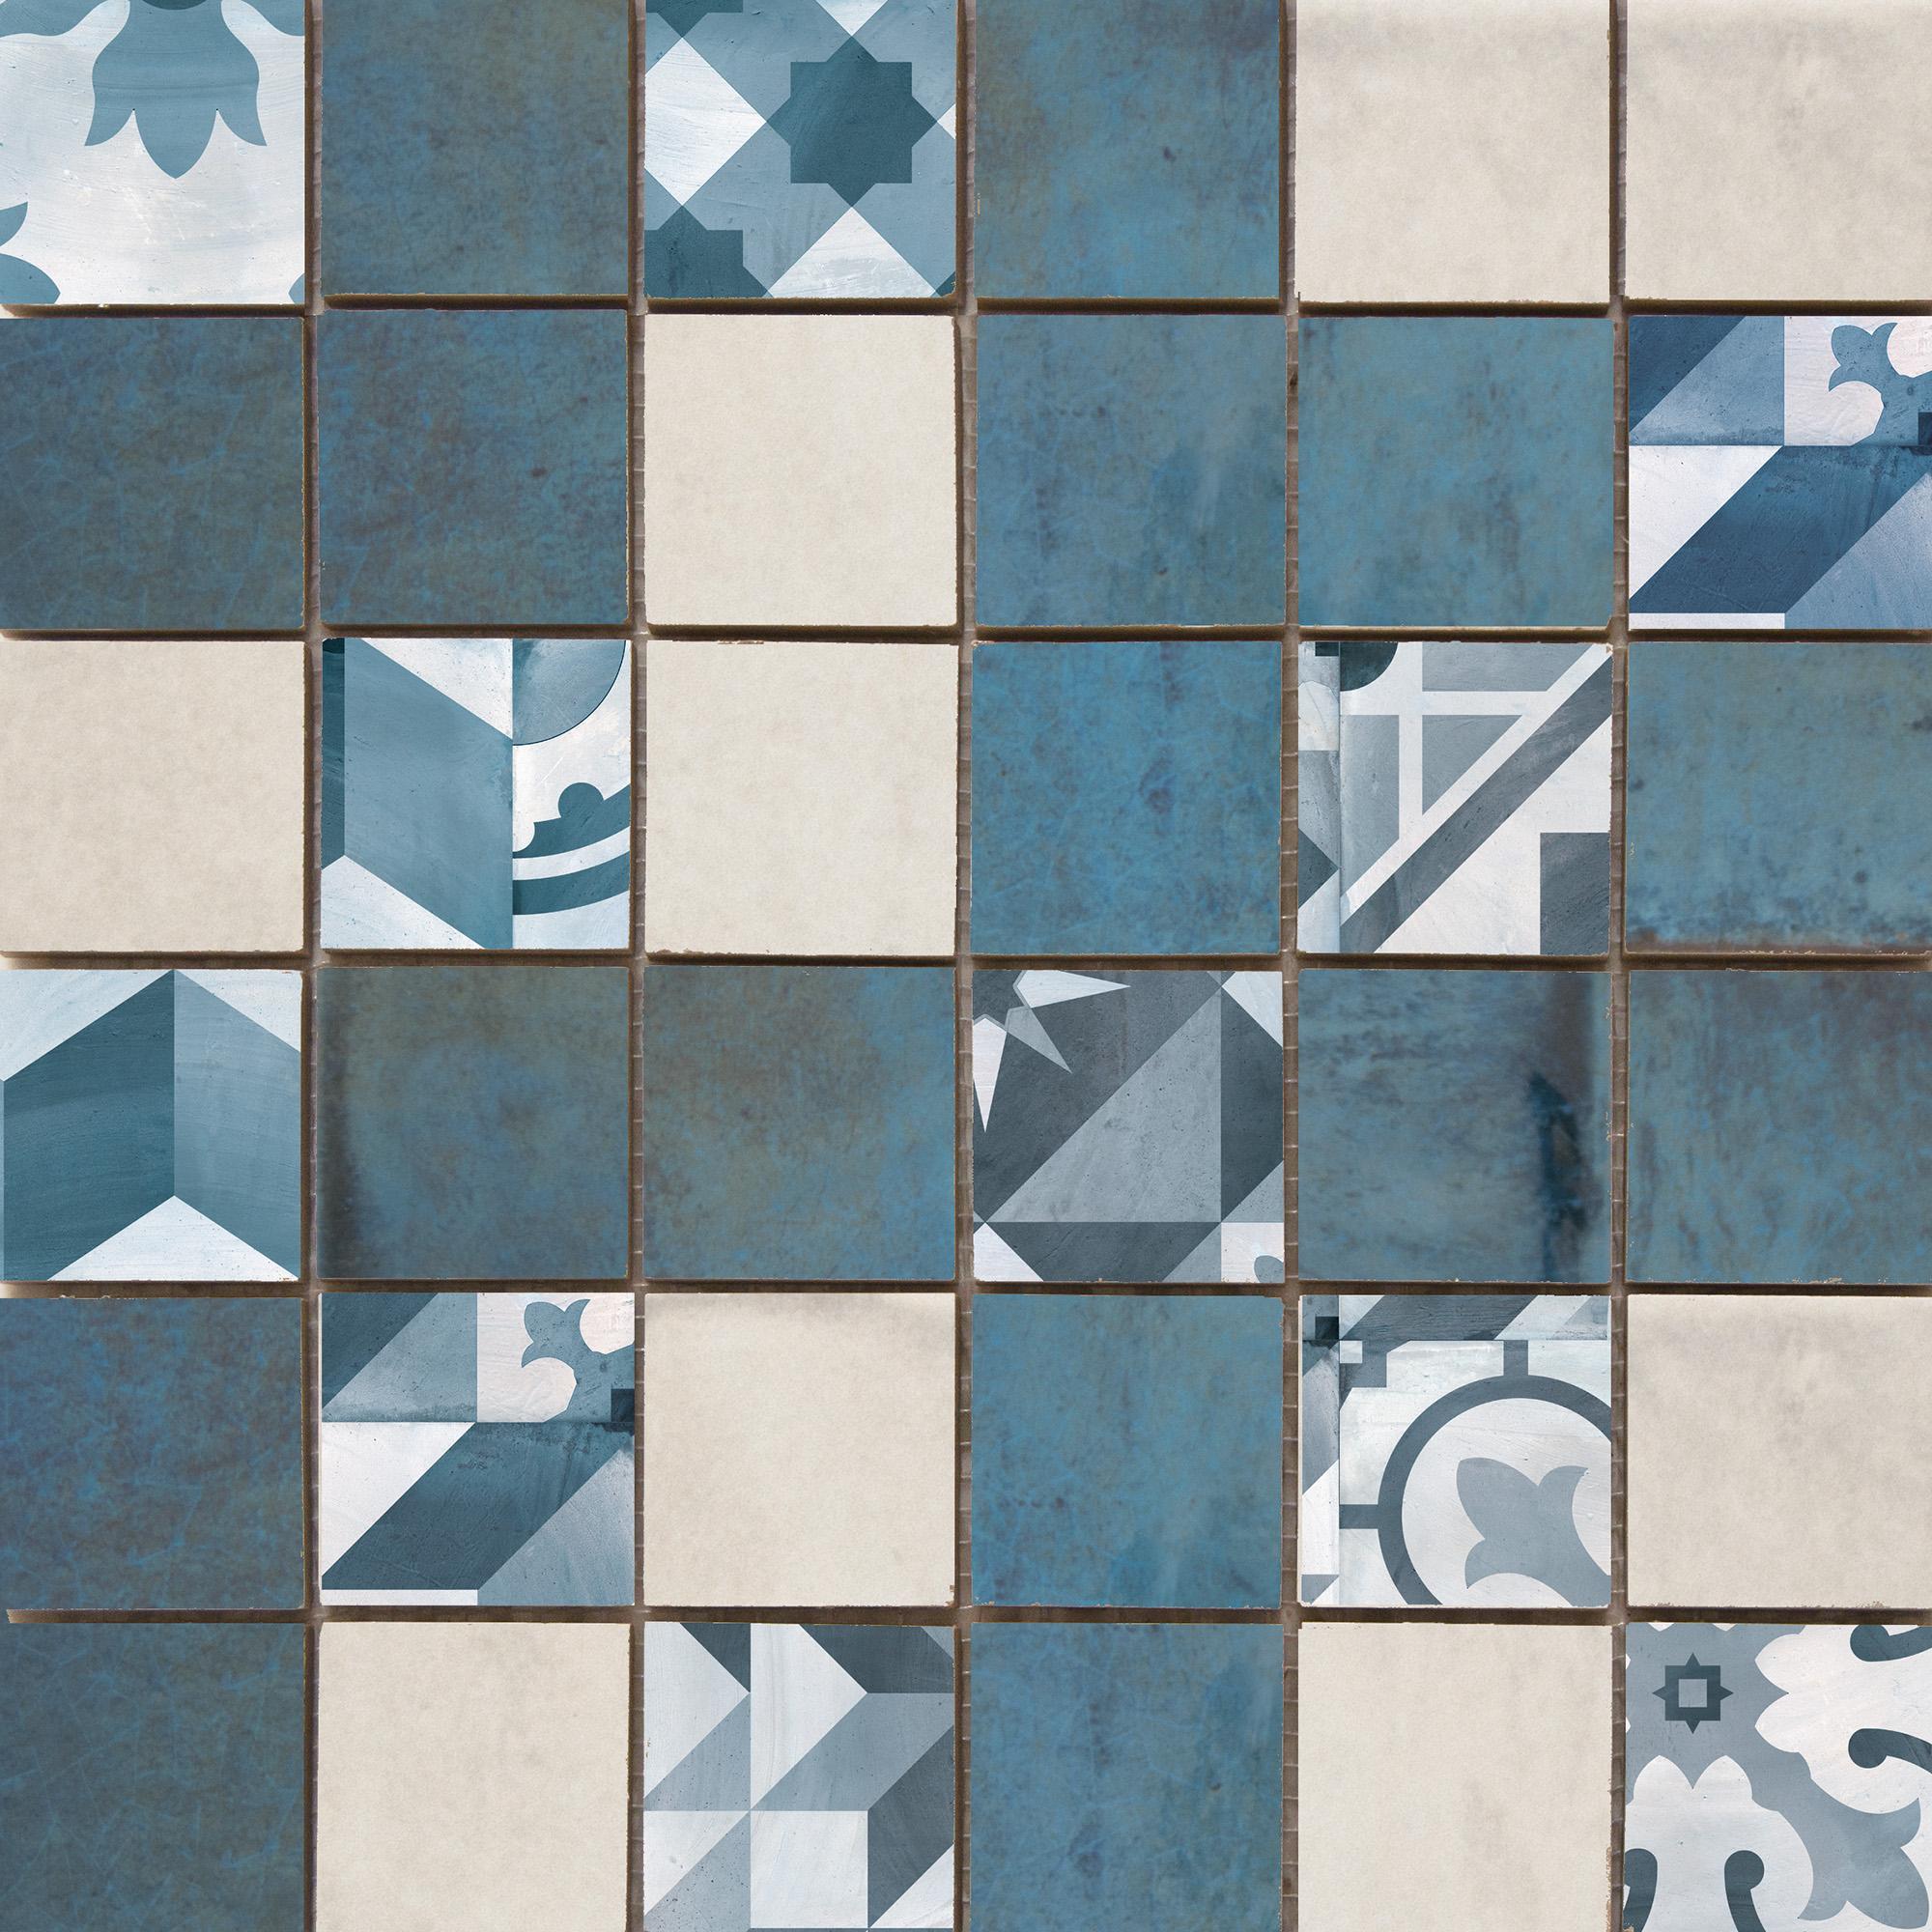 Купить Керамическая плитка Cifre Montblanc Mosaico Blue мозаика 30x30, Cifre Ceramica, Испания